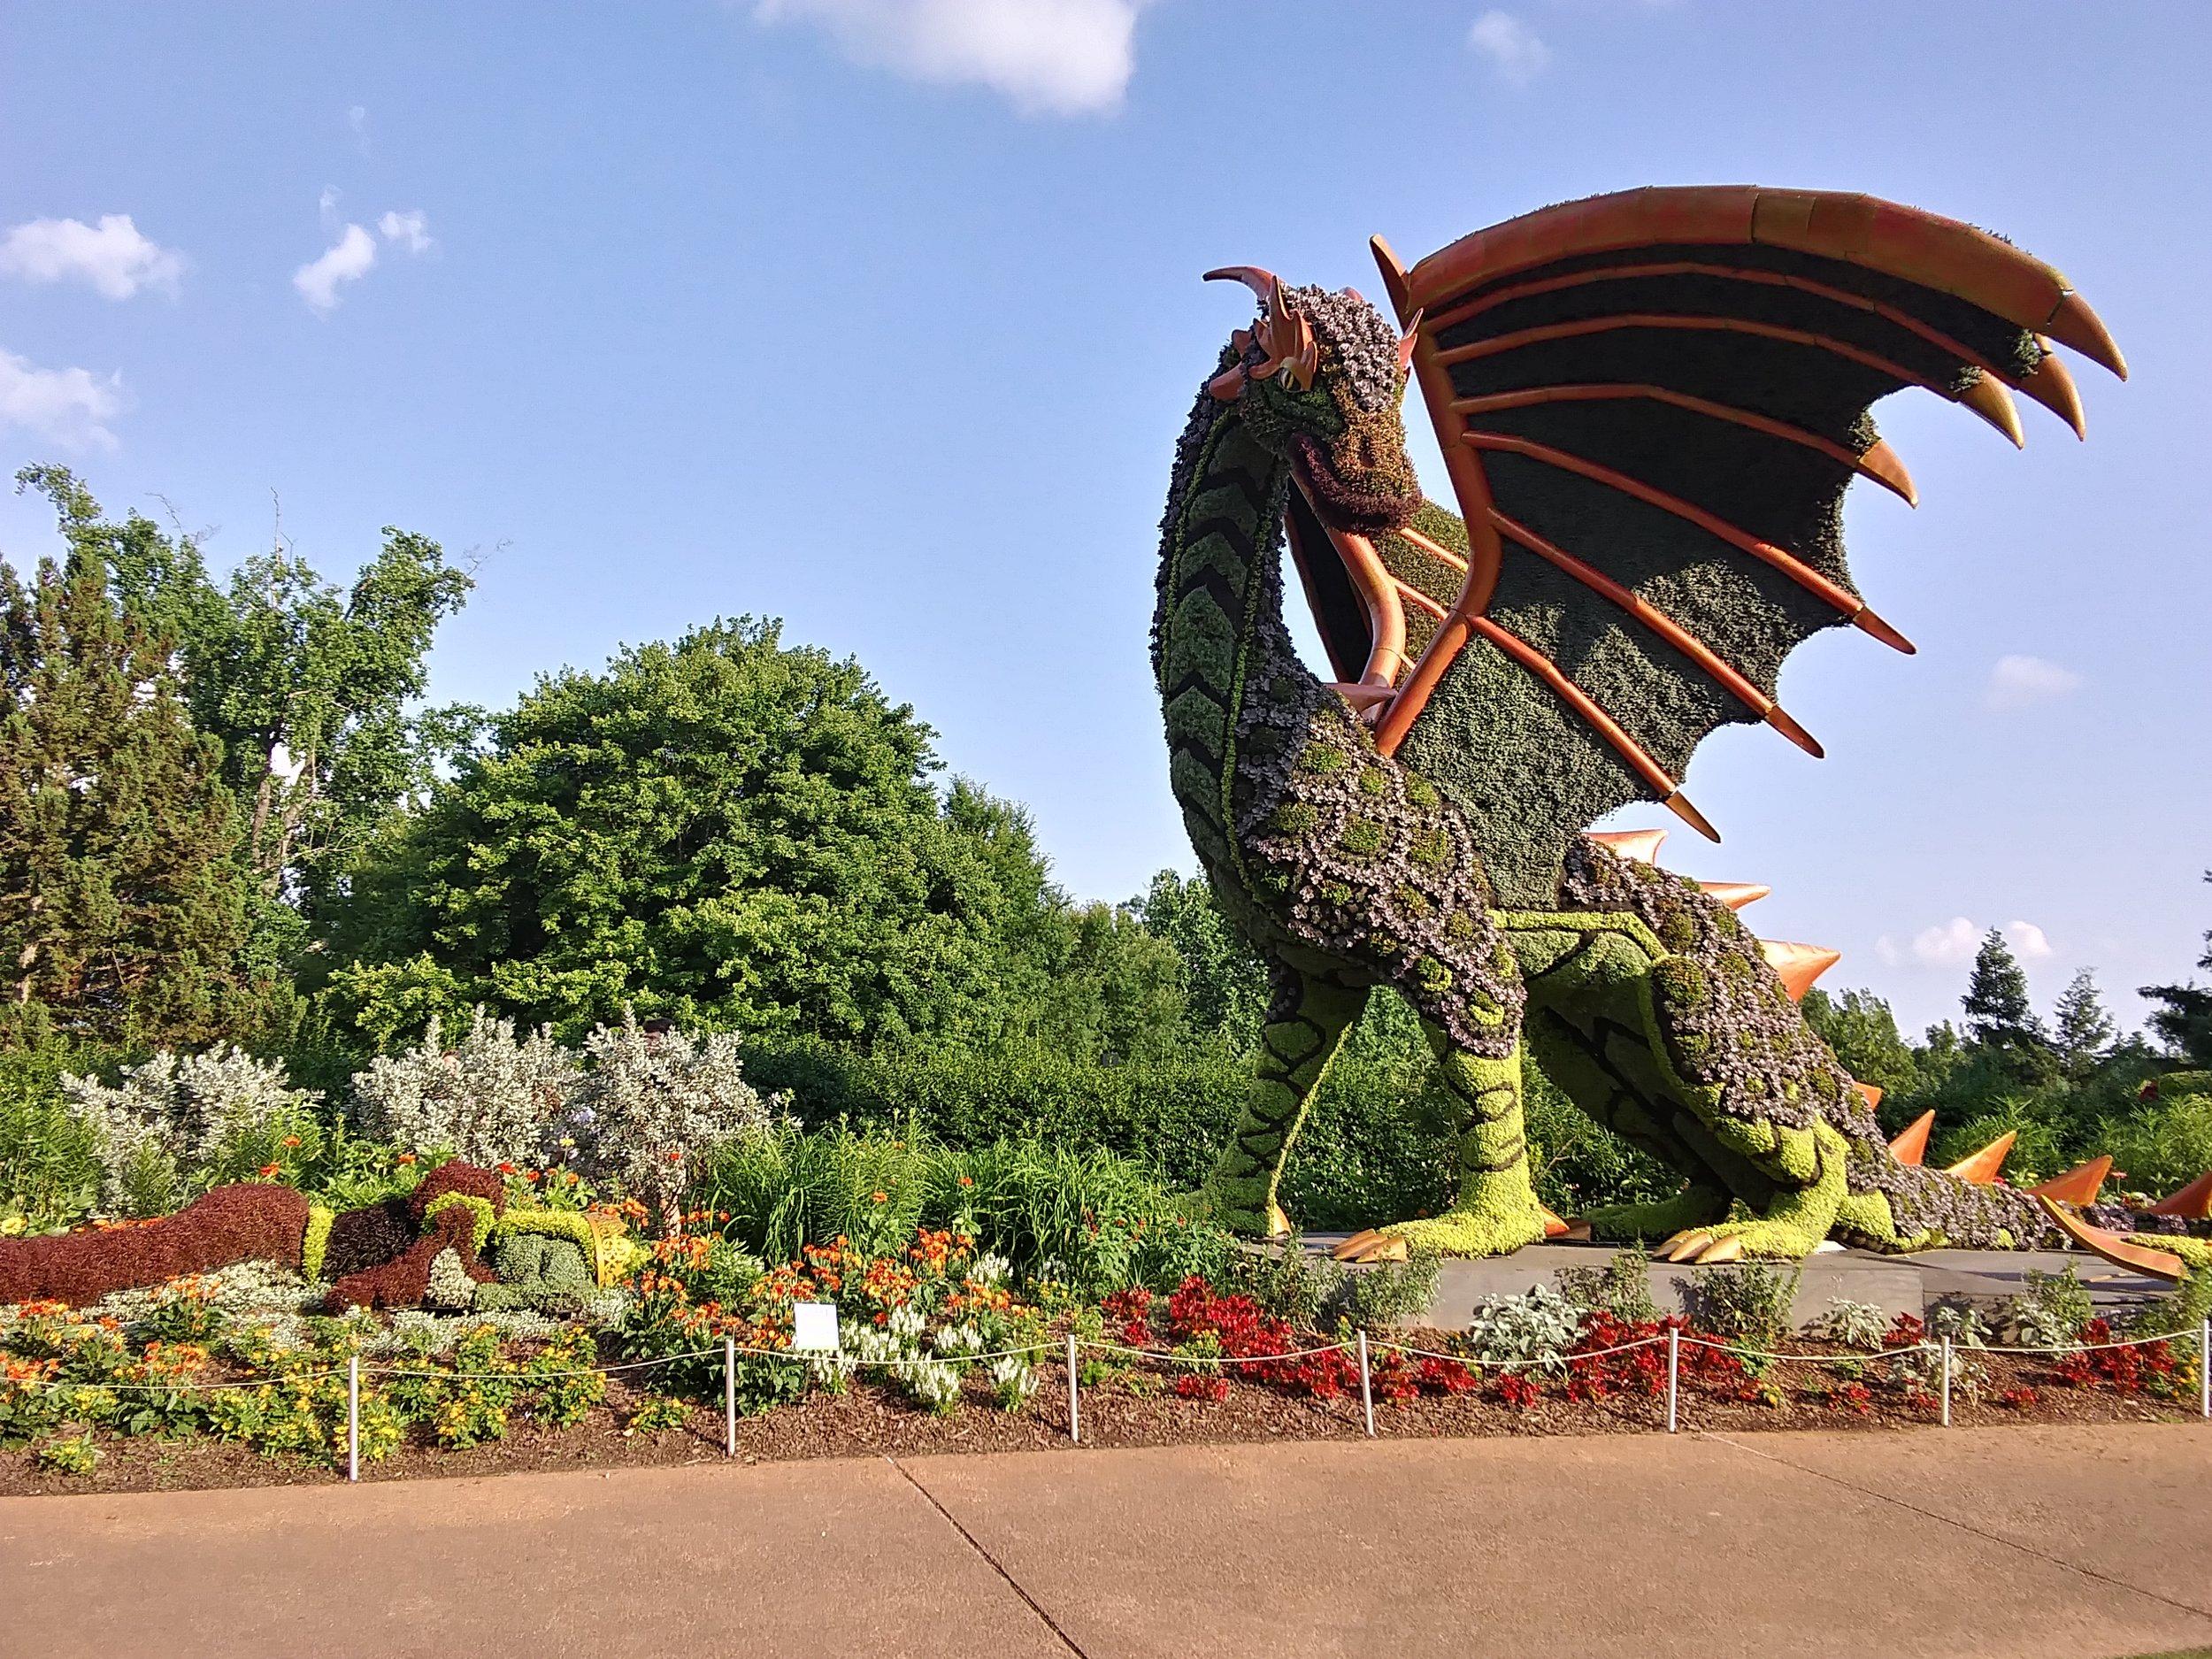 Dragon and Sleeping Maiden at the Atlanta Botanical Garden